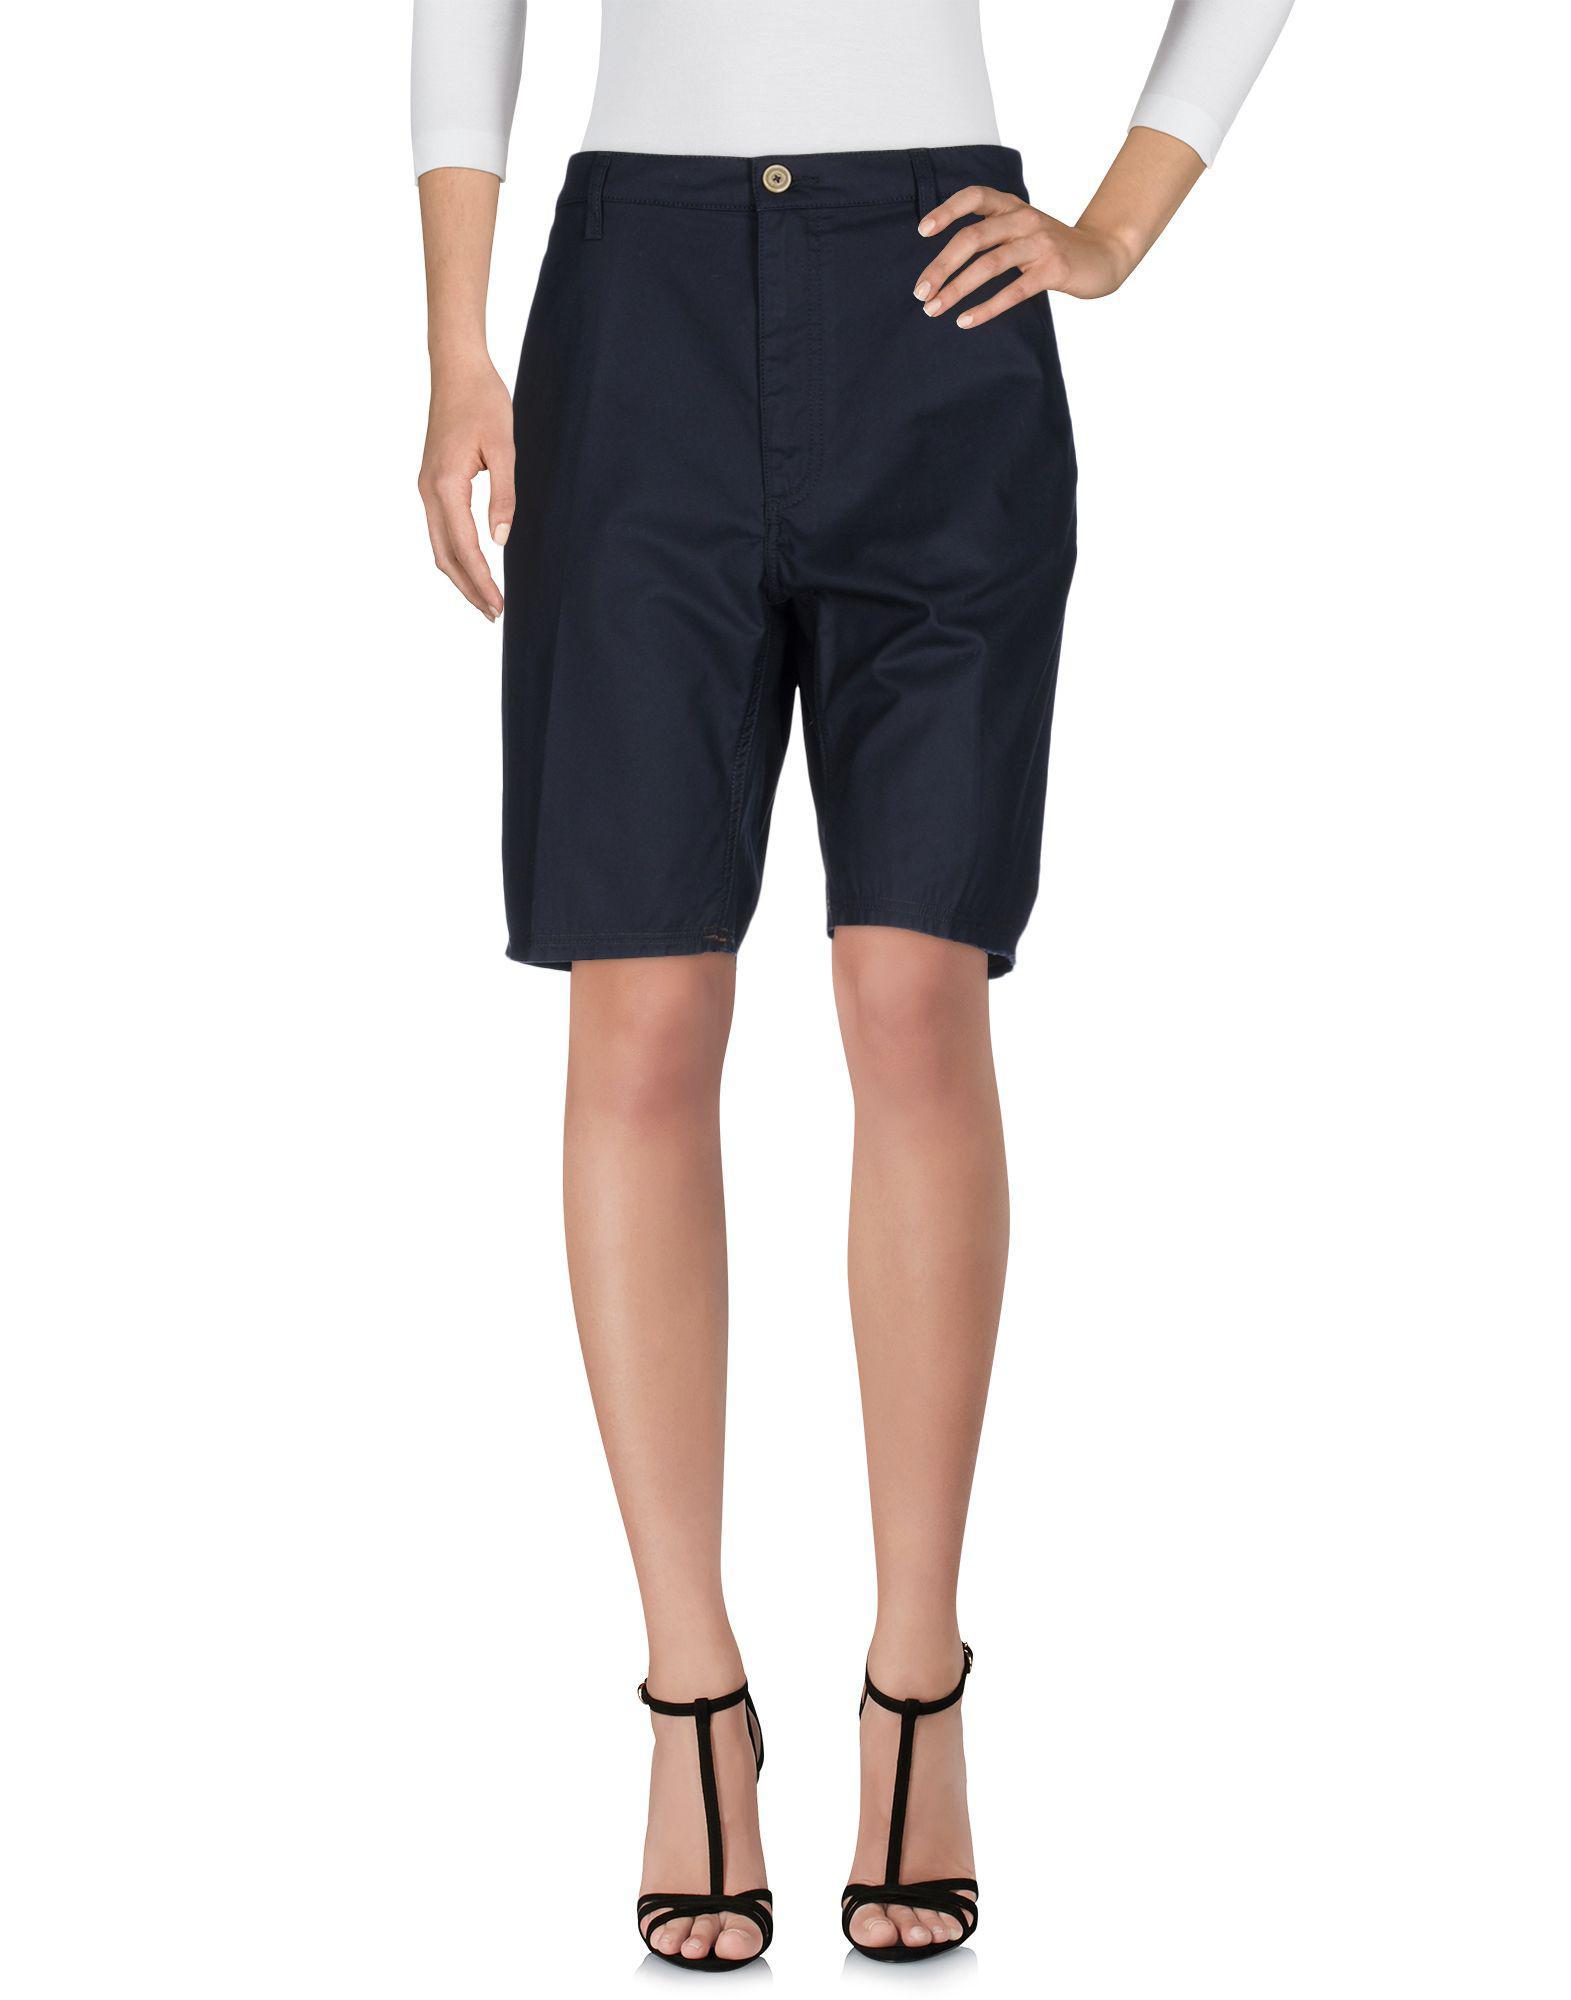 TROUSERS - Bermuda shorts Pence LtCjTIBPH